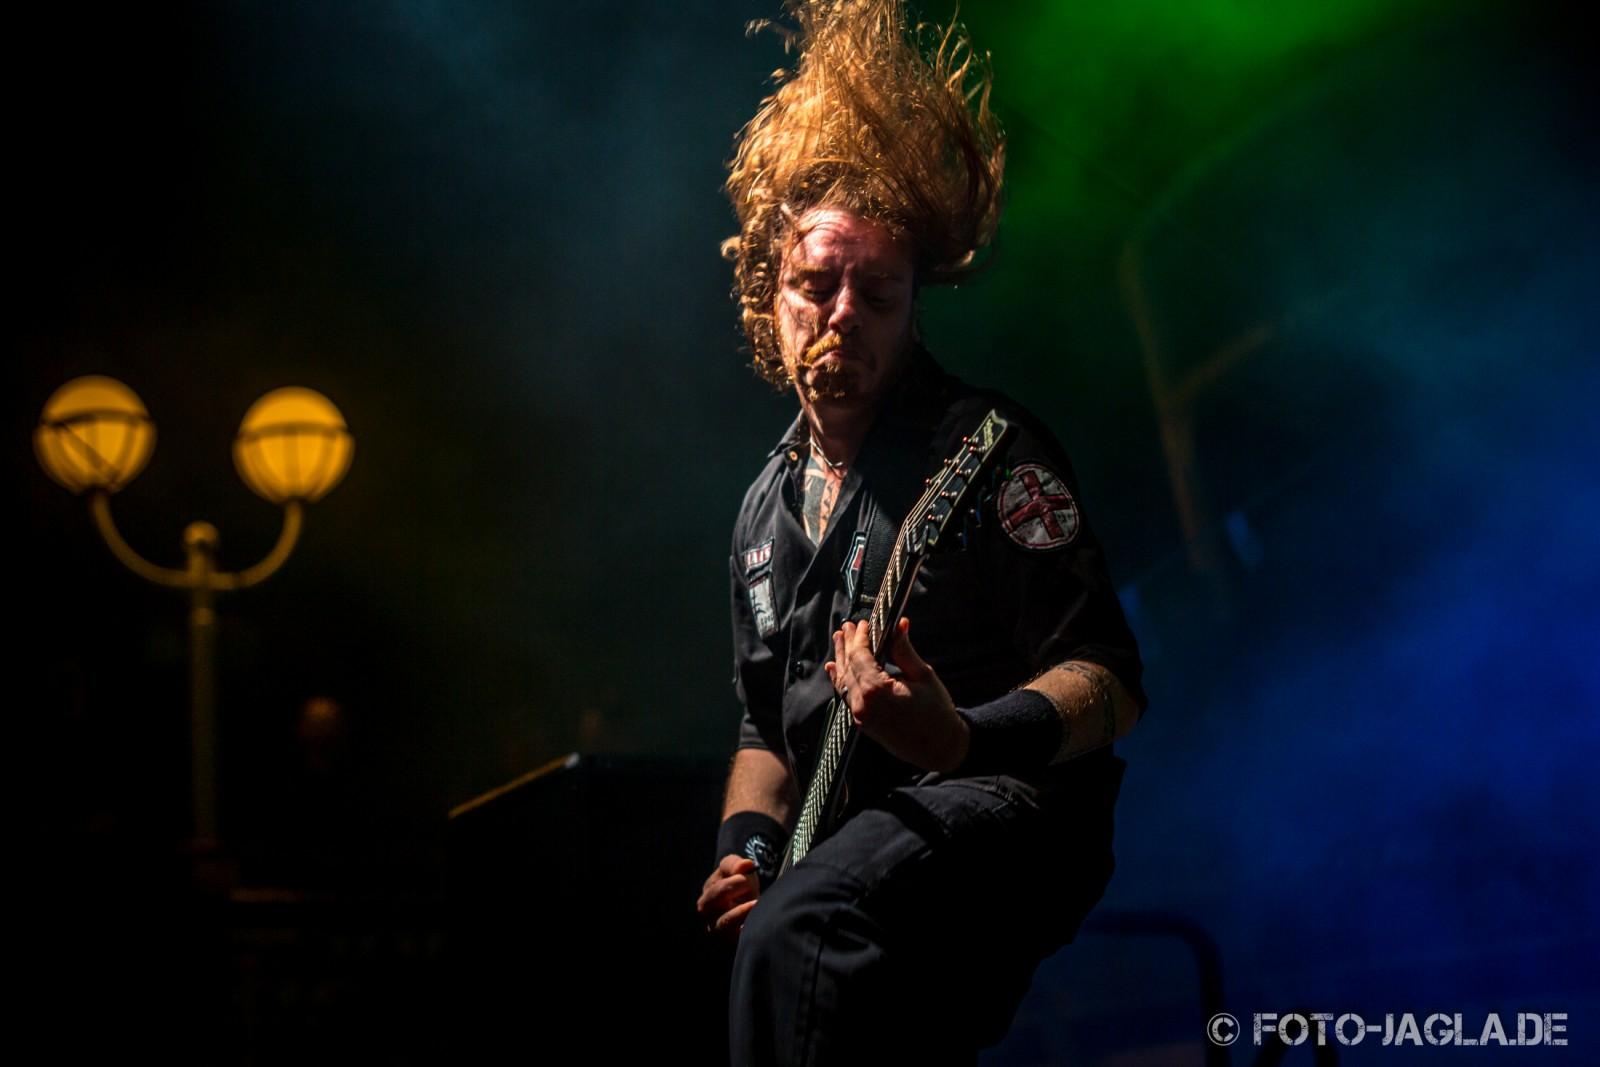 70000 Tons of Metal 2013 ::. Lacuna Coil ::. http://www.foto-jagla.de